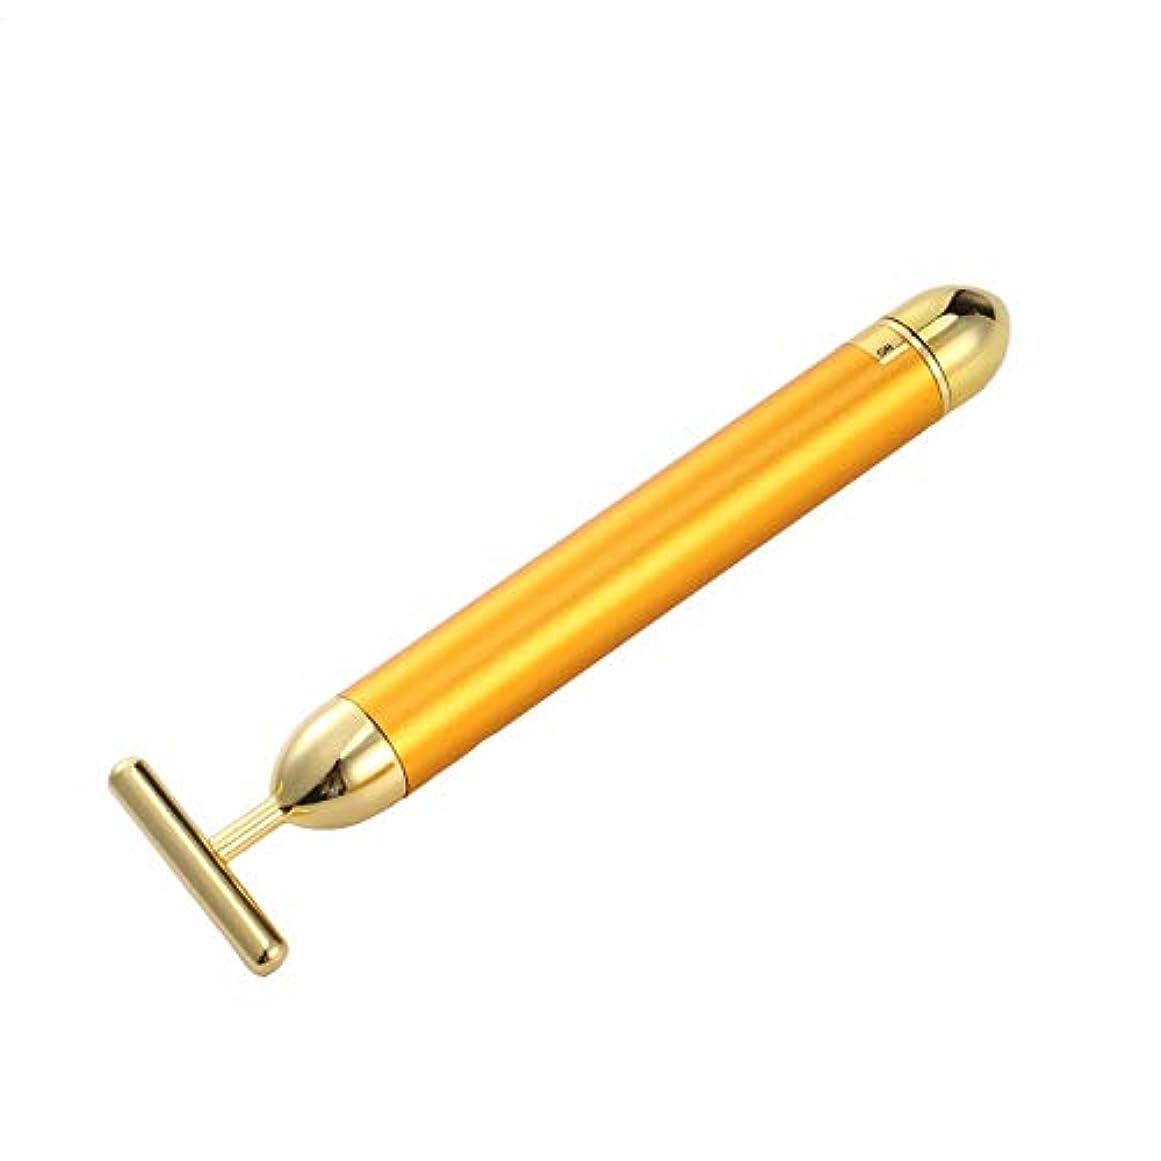 色合いポータル立法Hello 金の延べ棒24K電気金の美の薄い顔棒家庭用振動T型の表面の器械の美の器械 (Color : Golden)